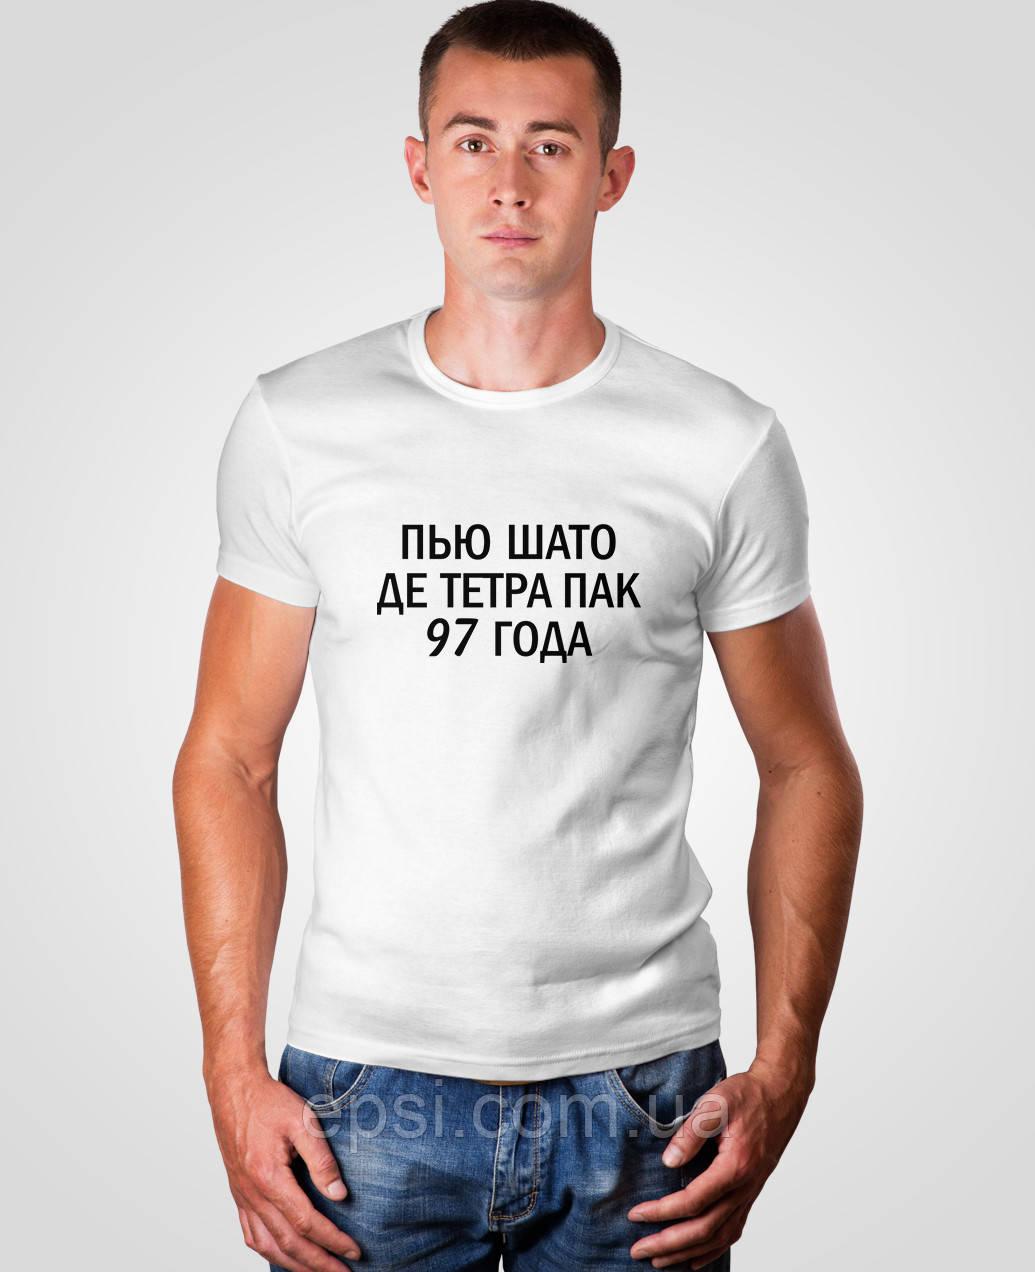 Футболка чоловіча з принтом Malta 18М063-17-П Шато-1 M Біла (2901000157320)